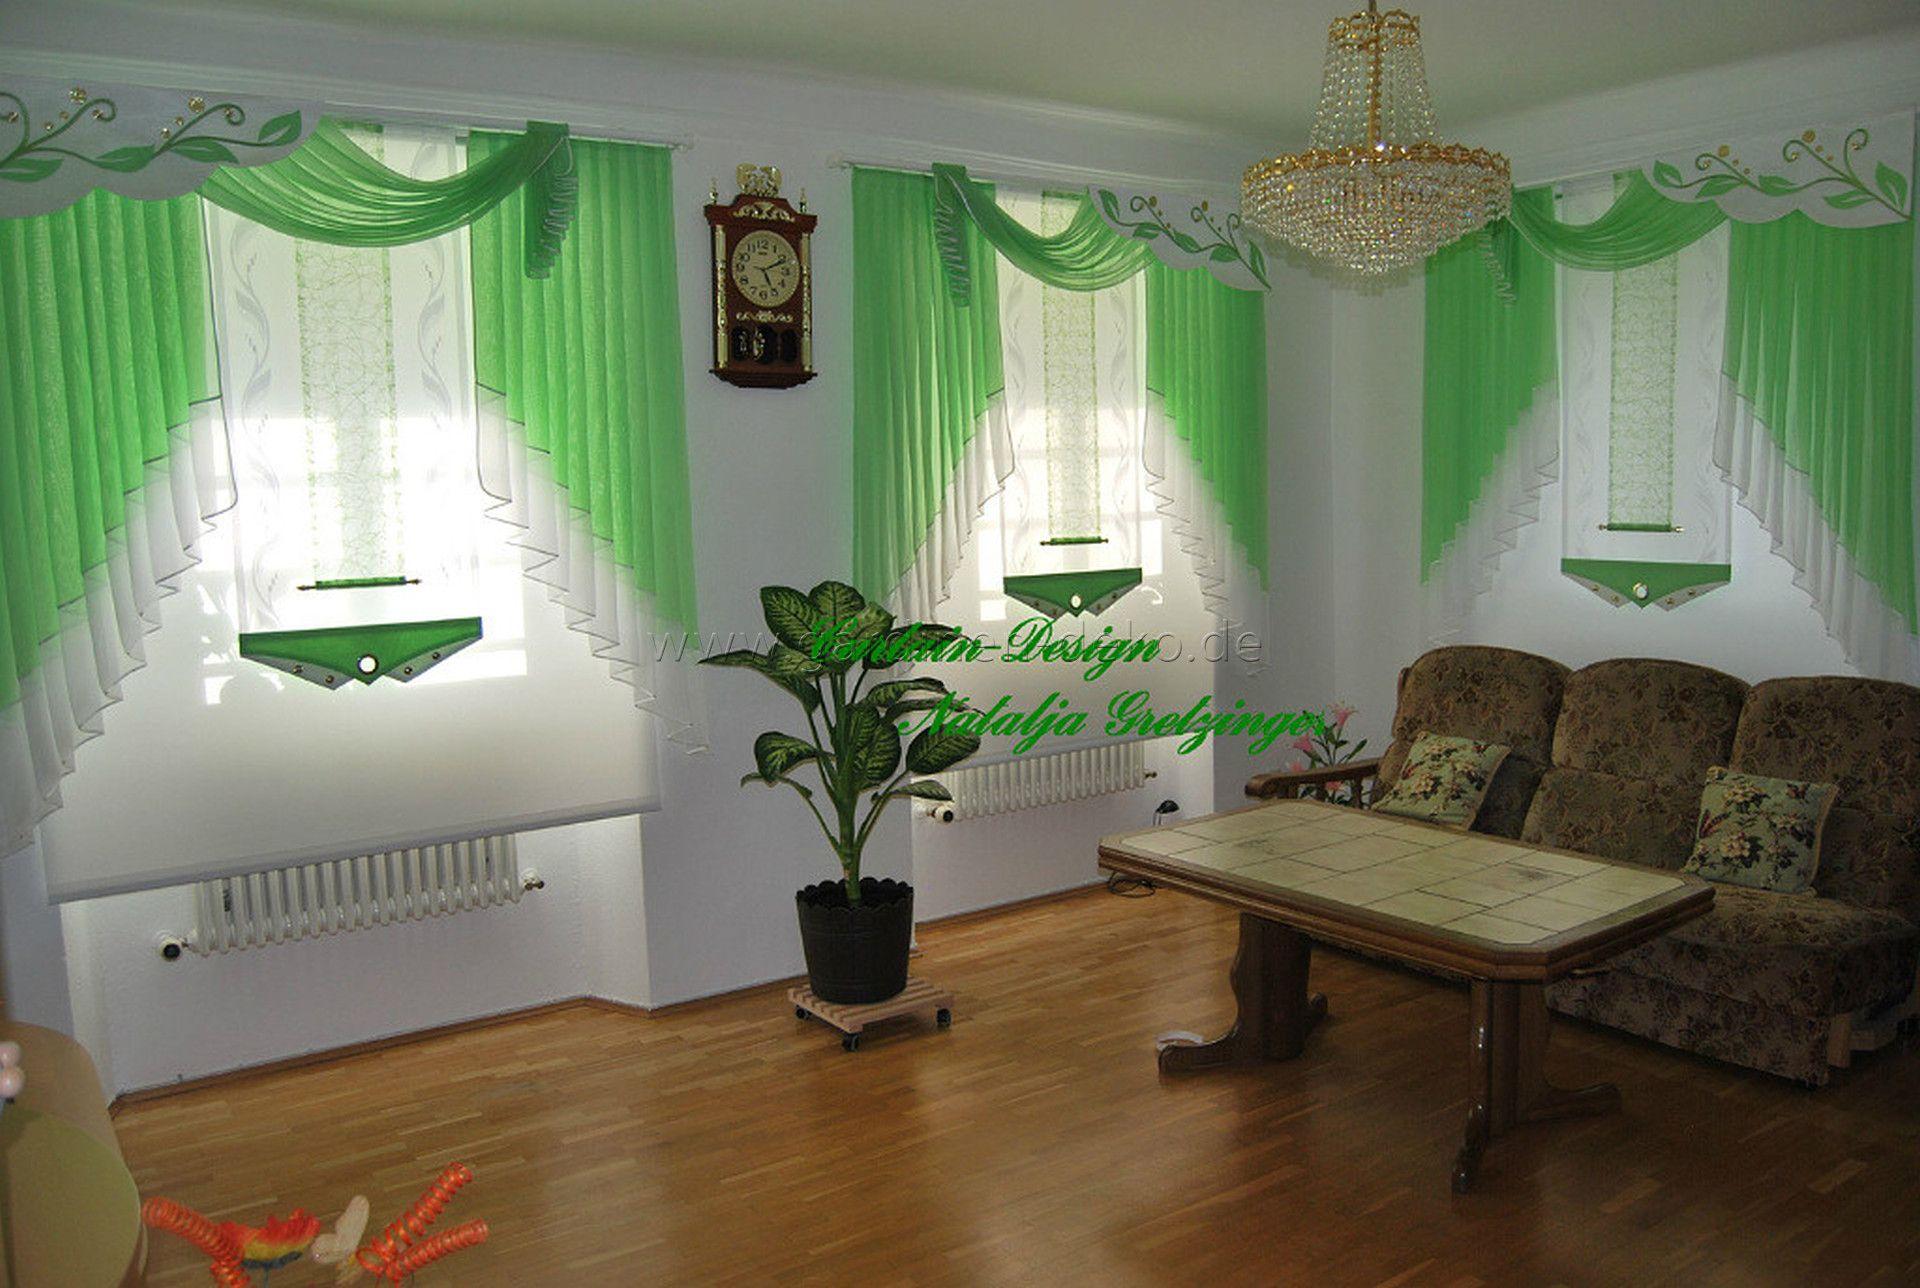 gewellter schräg-schiebevorhang mit schal in grün / wohnzimmer ... - Wohnzimmer Deko Grun